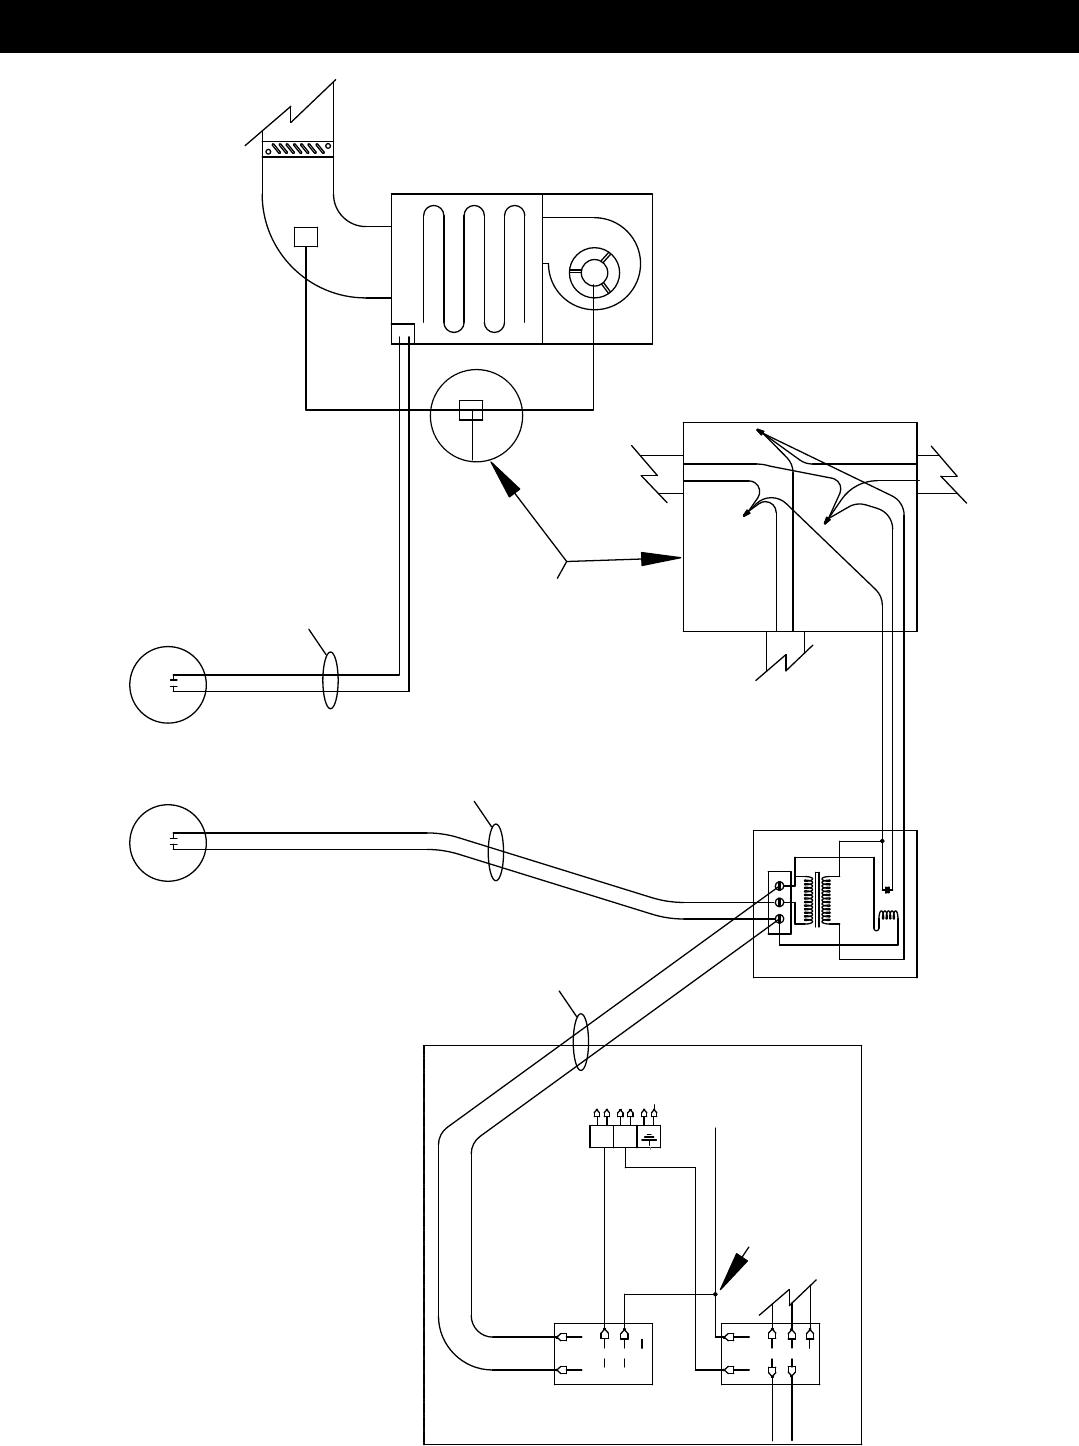 King Air 90 Wiring Diagram